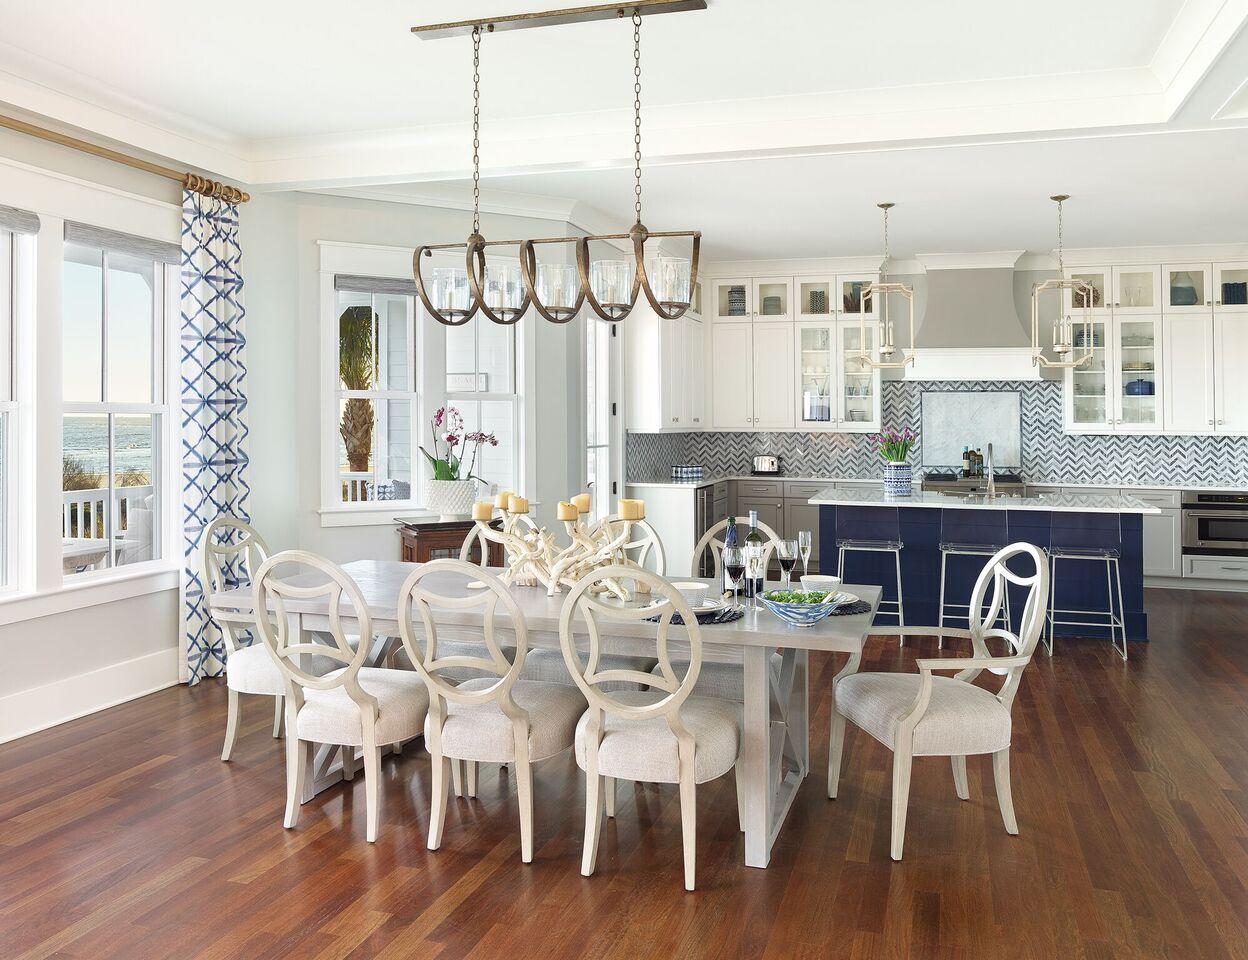 posnanski kitchen 2.jpg